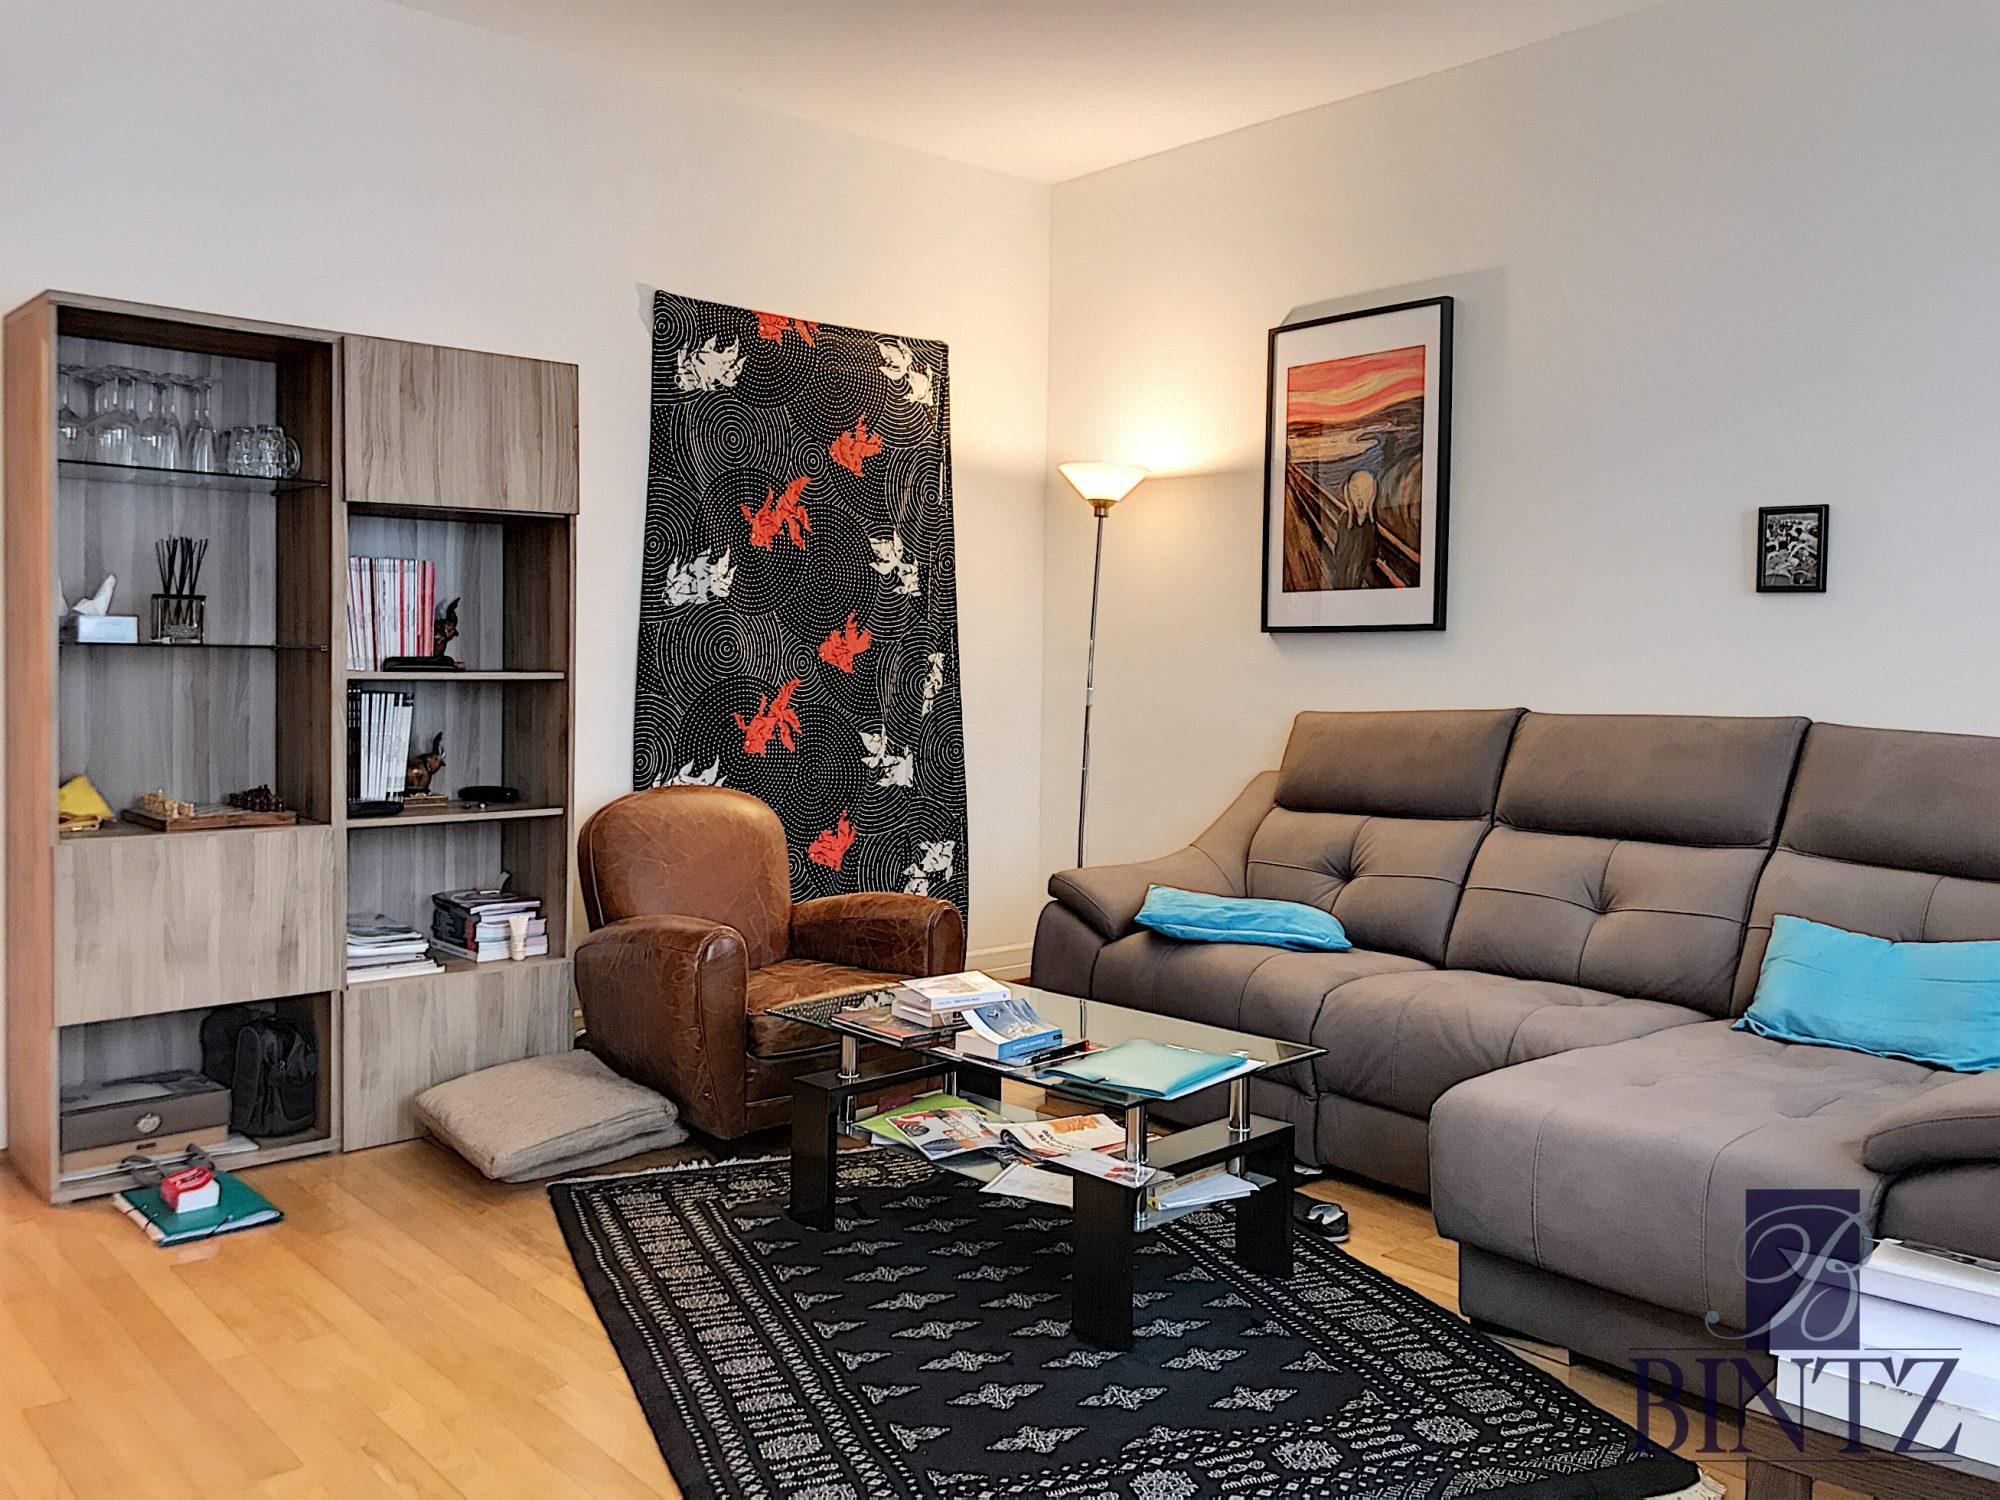 GRAND 2 PIÈCES KRUTENAU - Devenez locataire en toute sérénité - Bintz Immobilier - 2